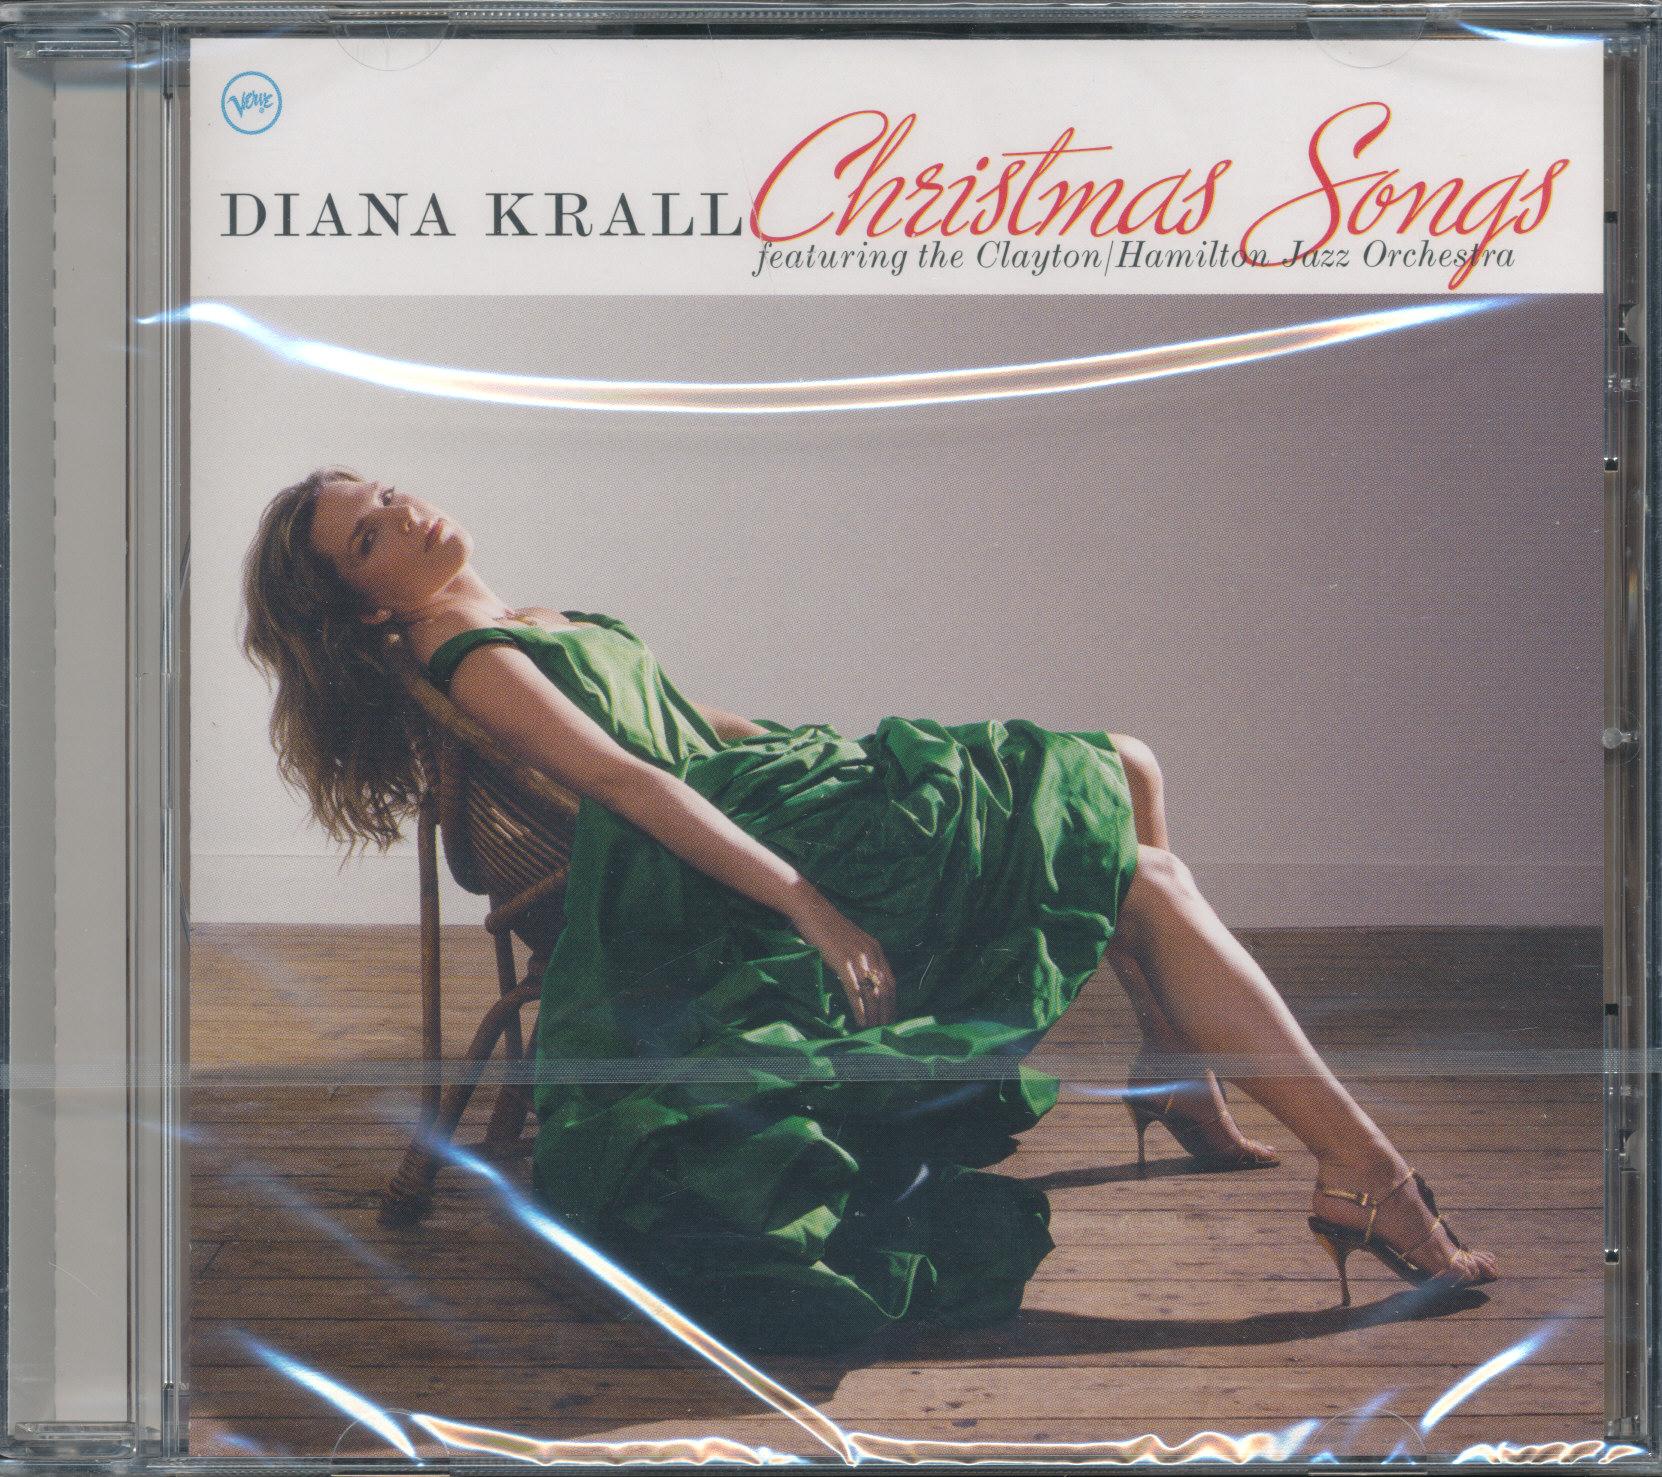 diana krall christmas songs - Diana Krall Christmas Songs